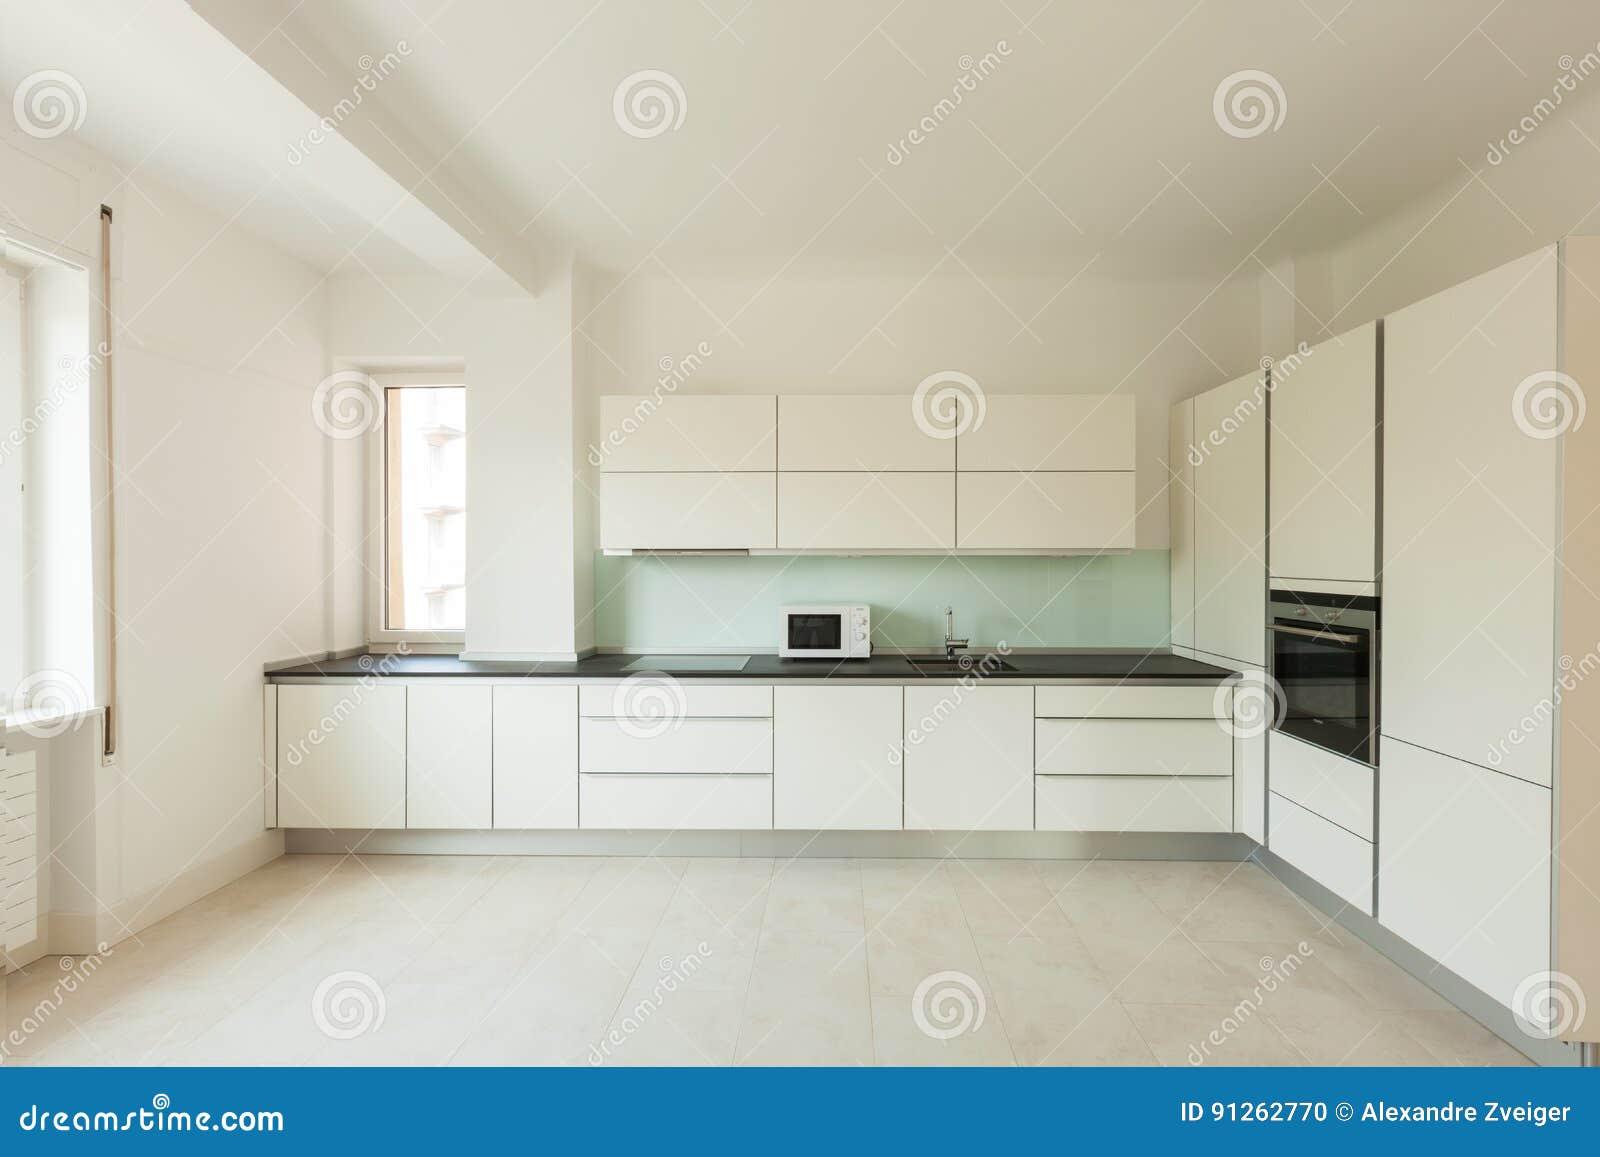 Kuche mit fenster - Fenster in der kuche ...